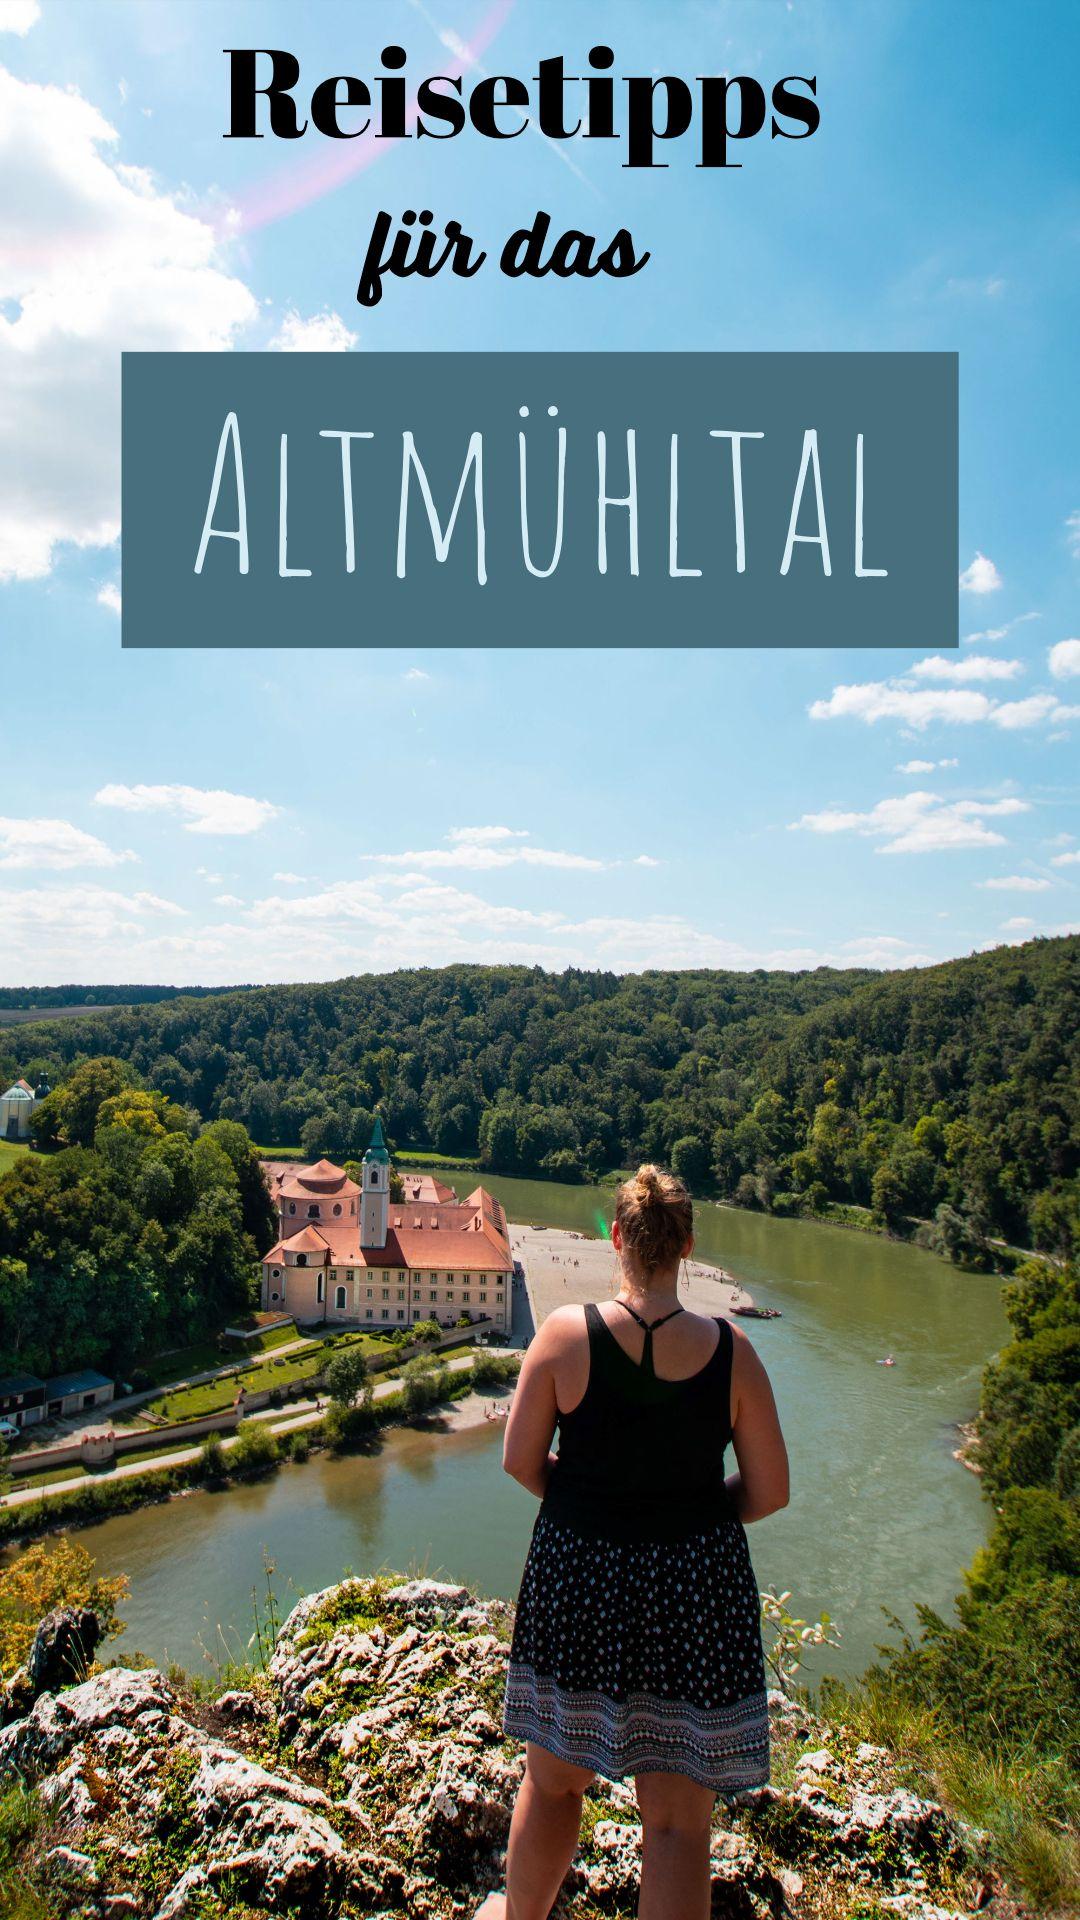 Hier findet ihr meine Lieblingsorte und tolle Ausflugsziele für das #Altmühltal! Schaut doch mal vorbei! #deutschland #reisetipps #favoriteplaces